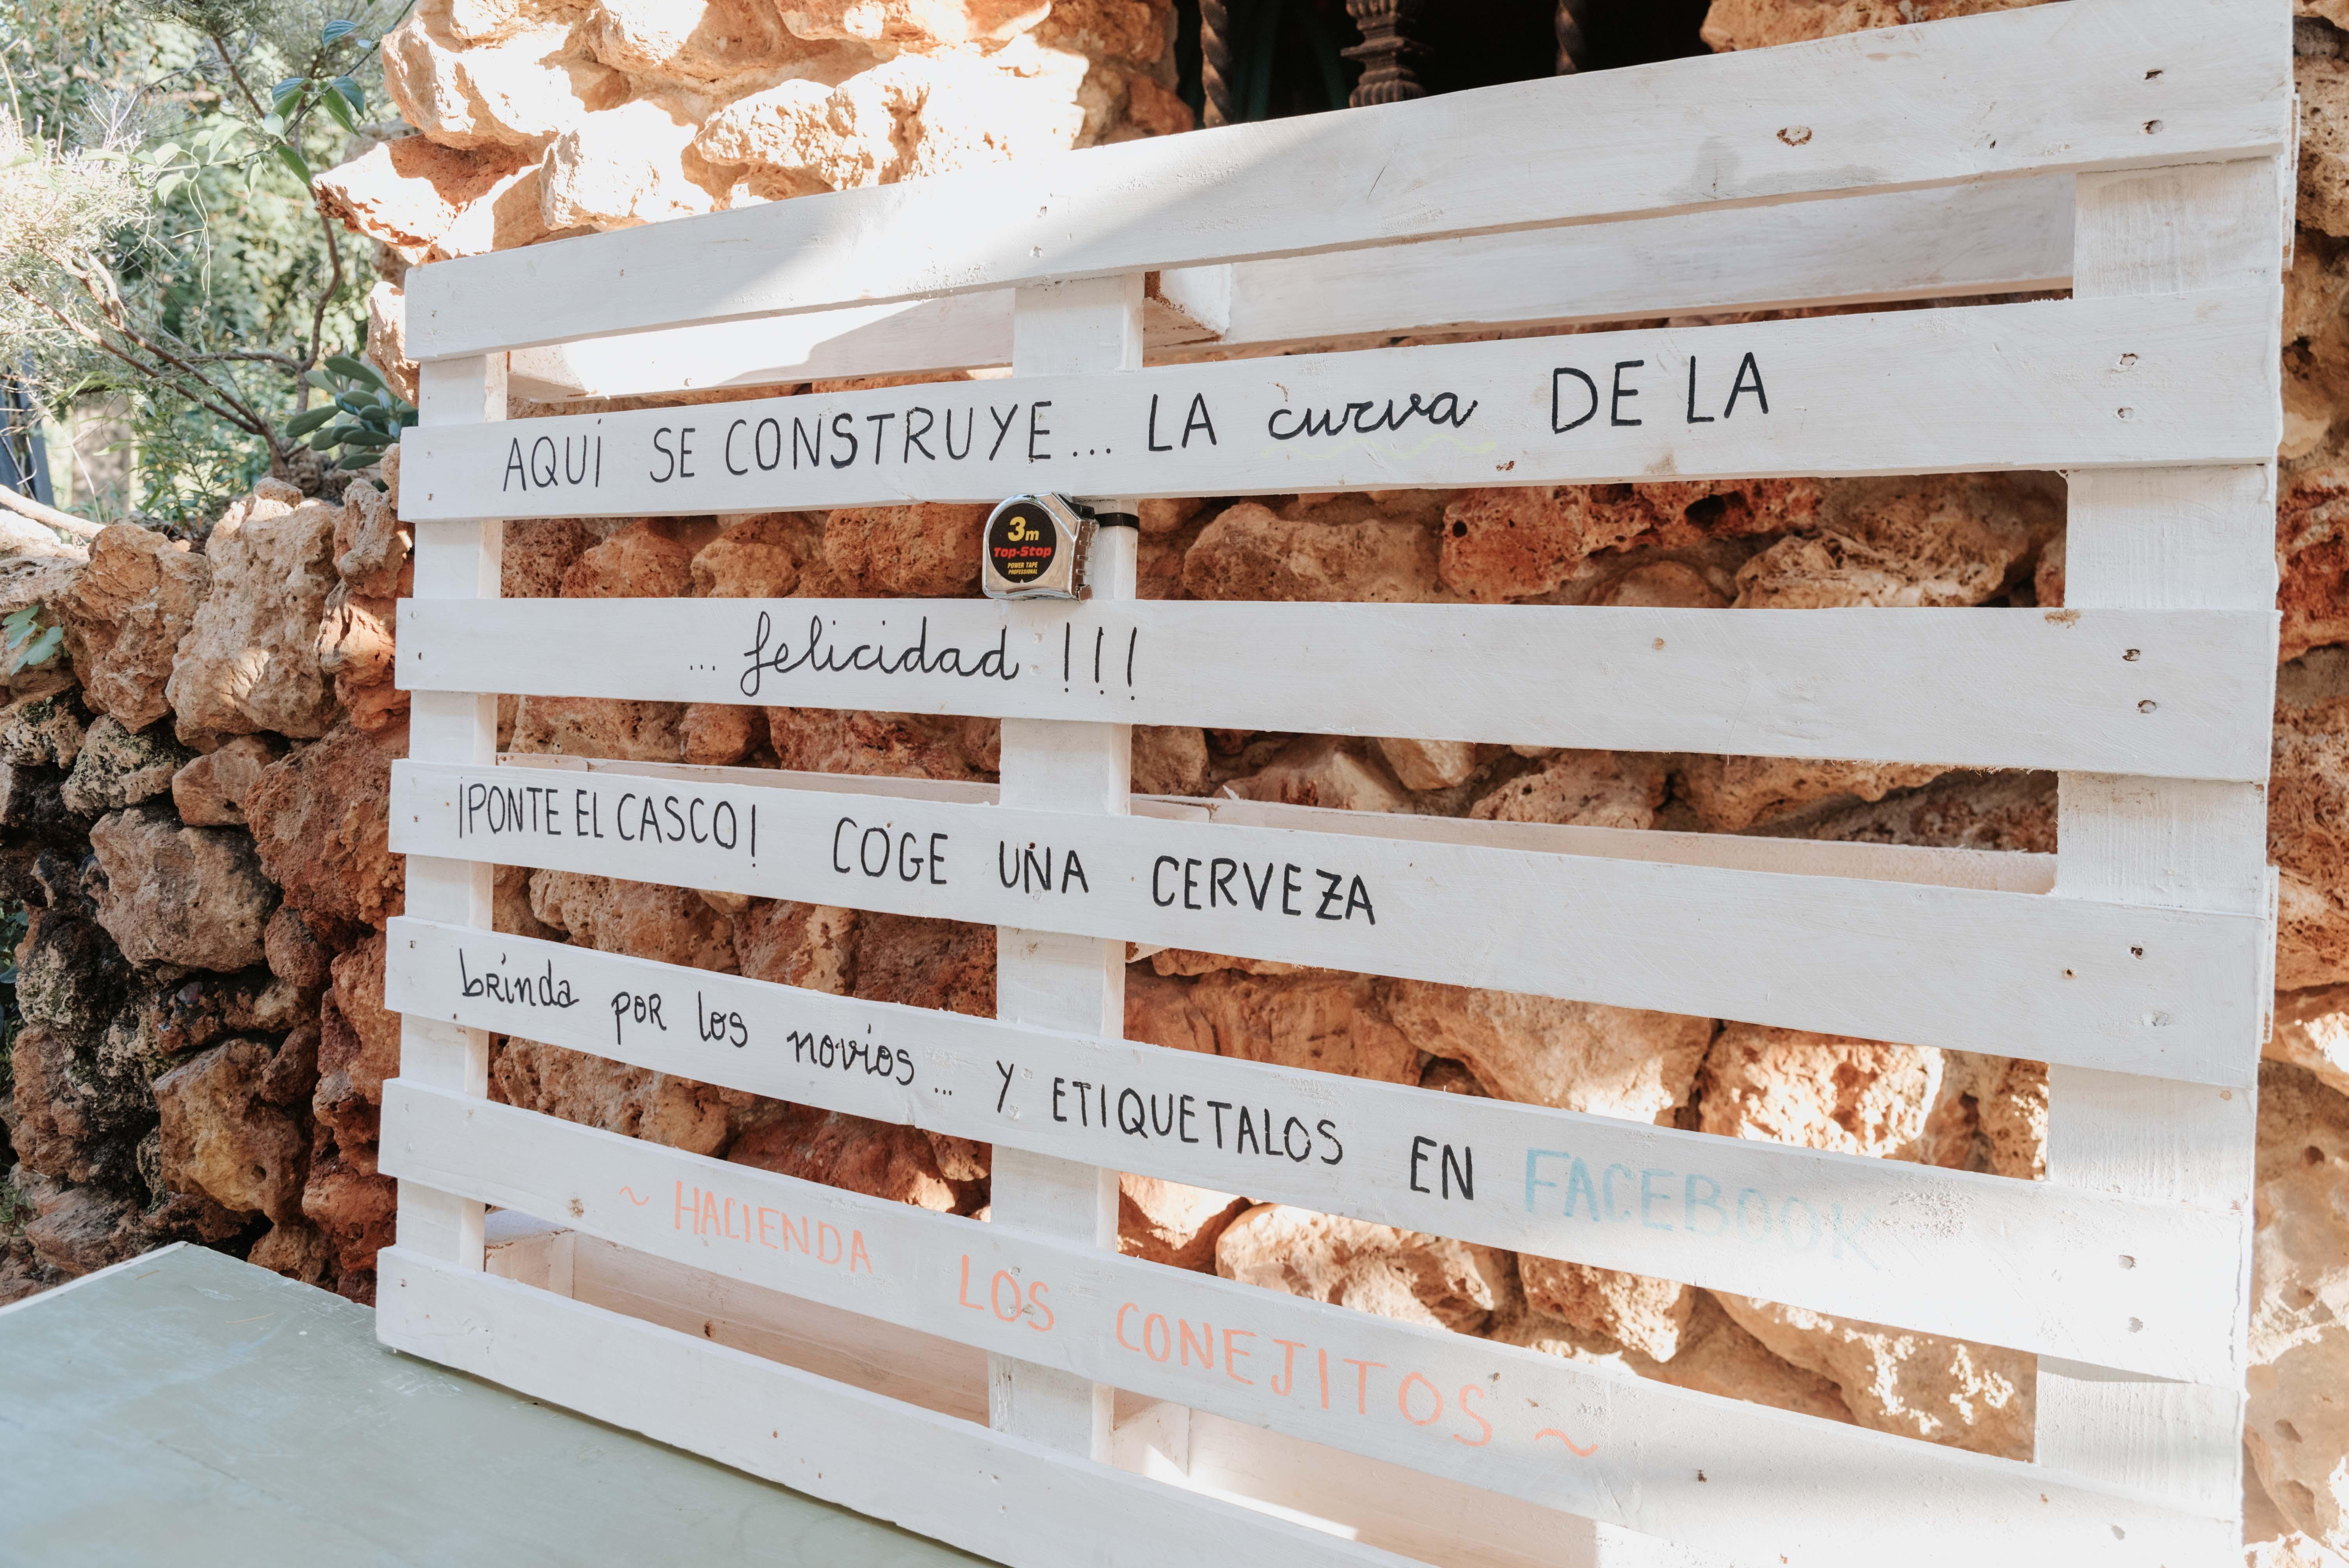 Boda Edu & Nia Hacienda los Conejitos , Málaga